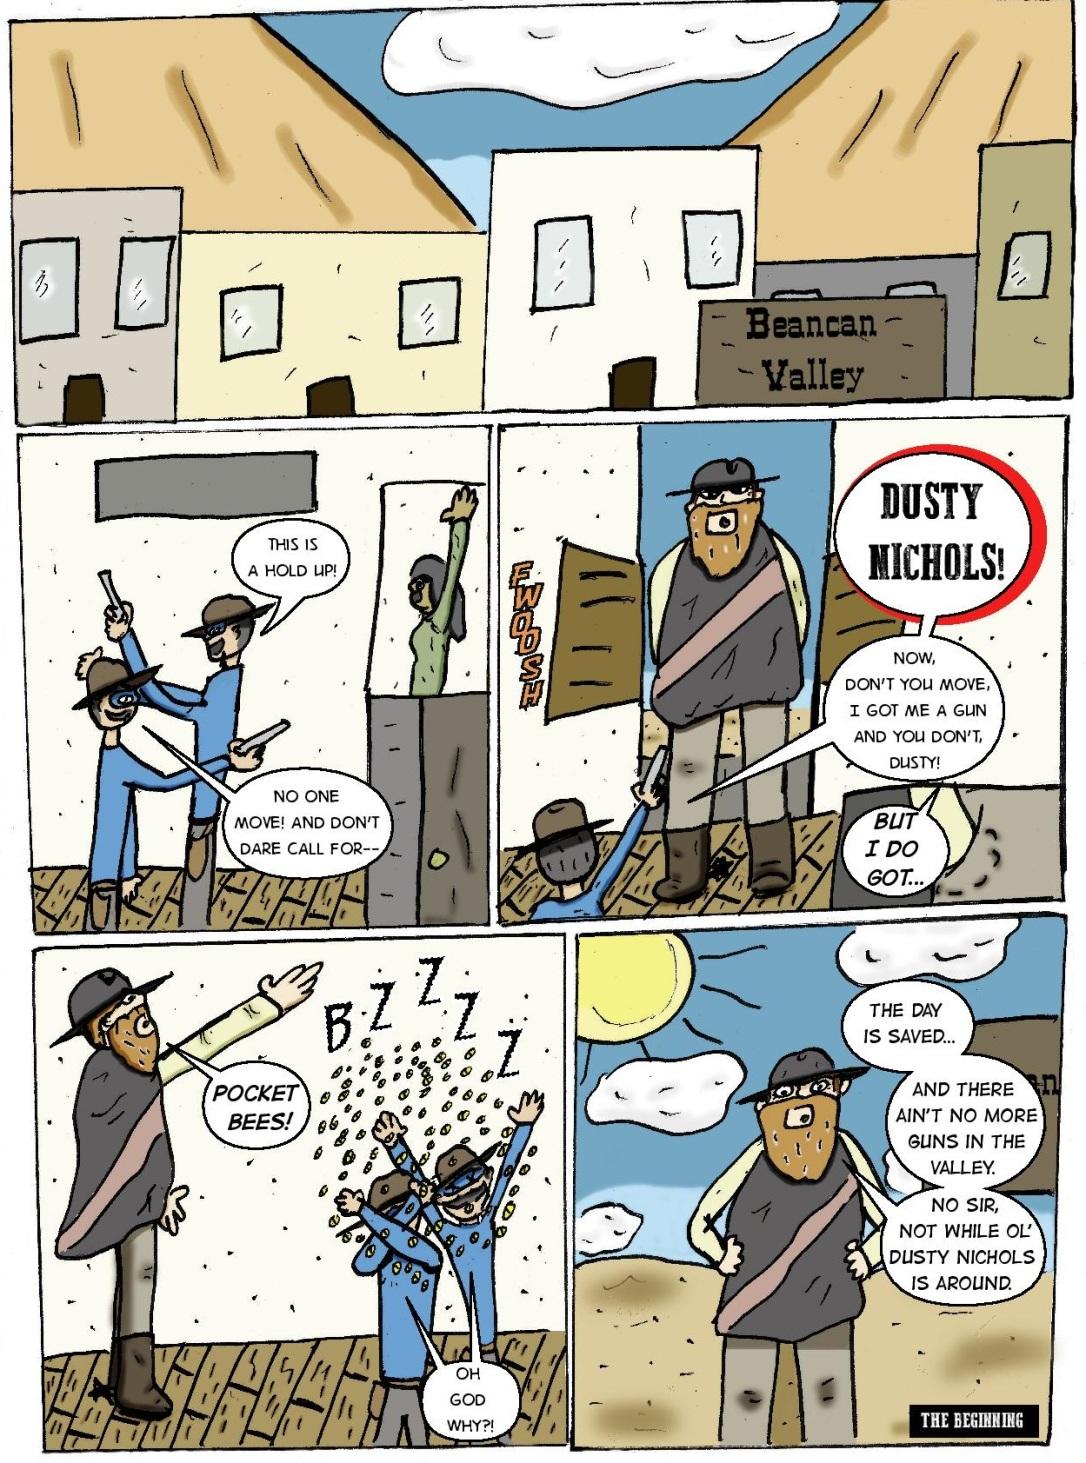 Dustynichols-page-001